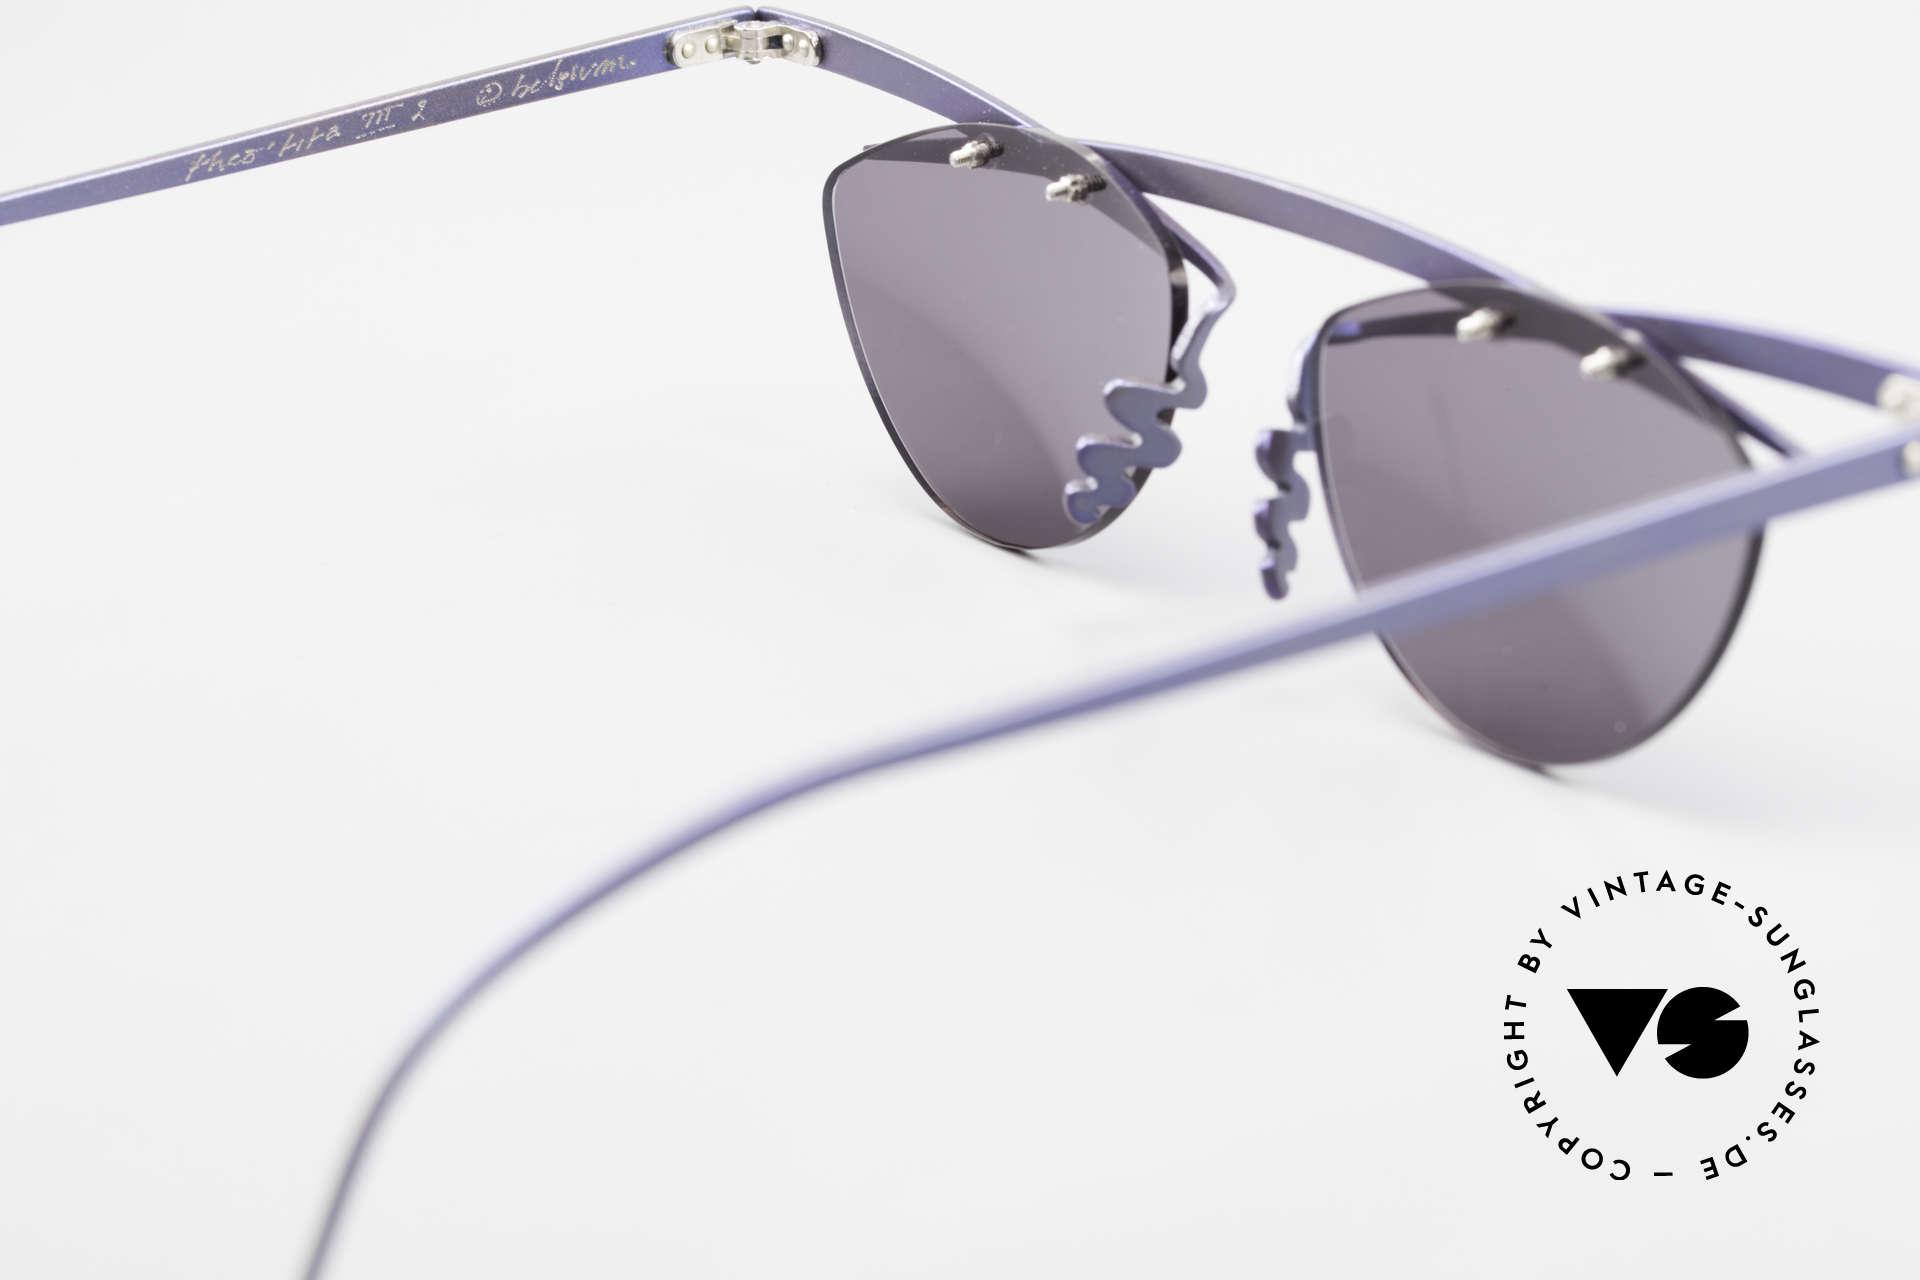 Theo Belgium Tita III 2 Crazy Vintage Sonnenbrille XL, graue Sonnengläser (100% UV) sind ggf. auswechselbar, Passend für Herren und Damen